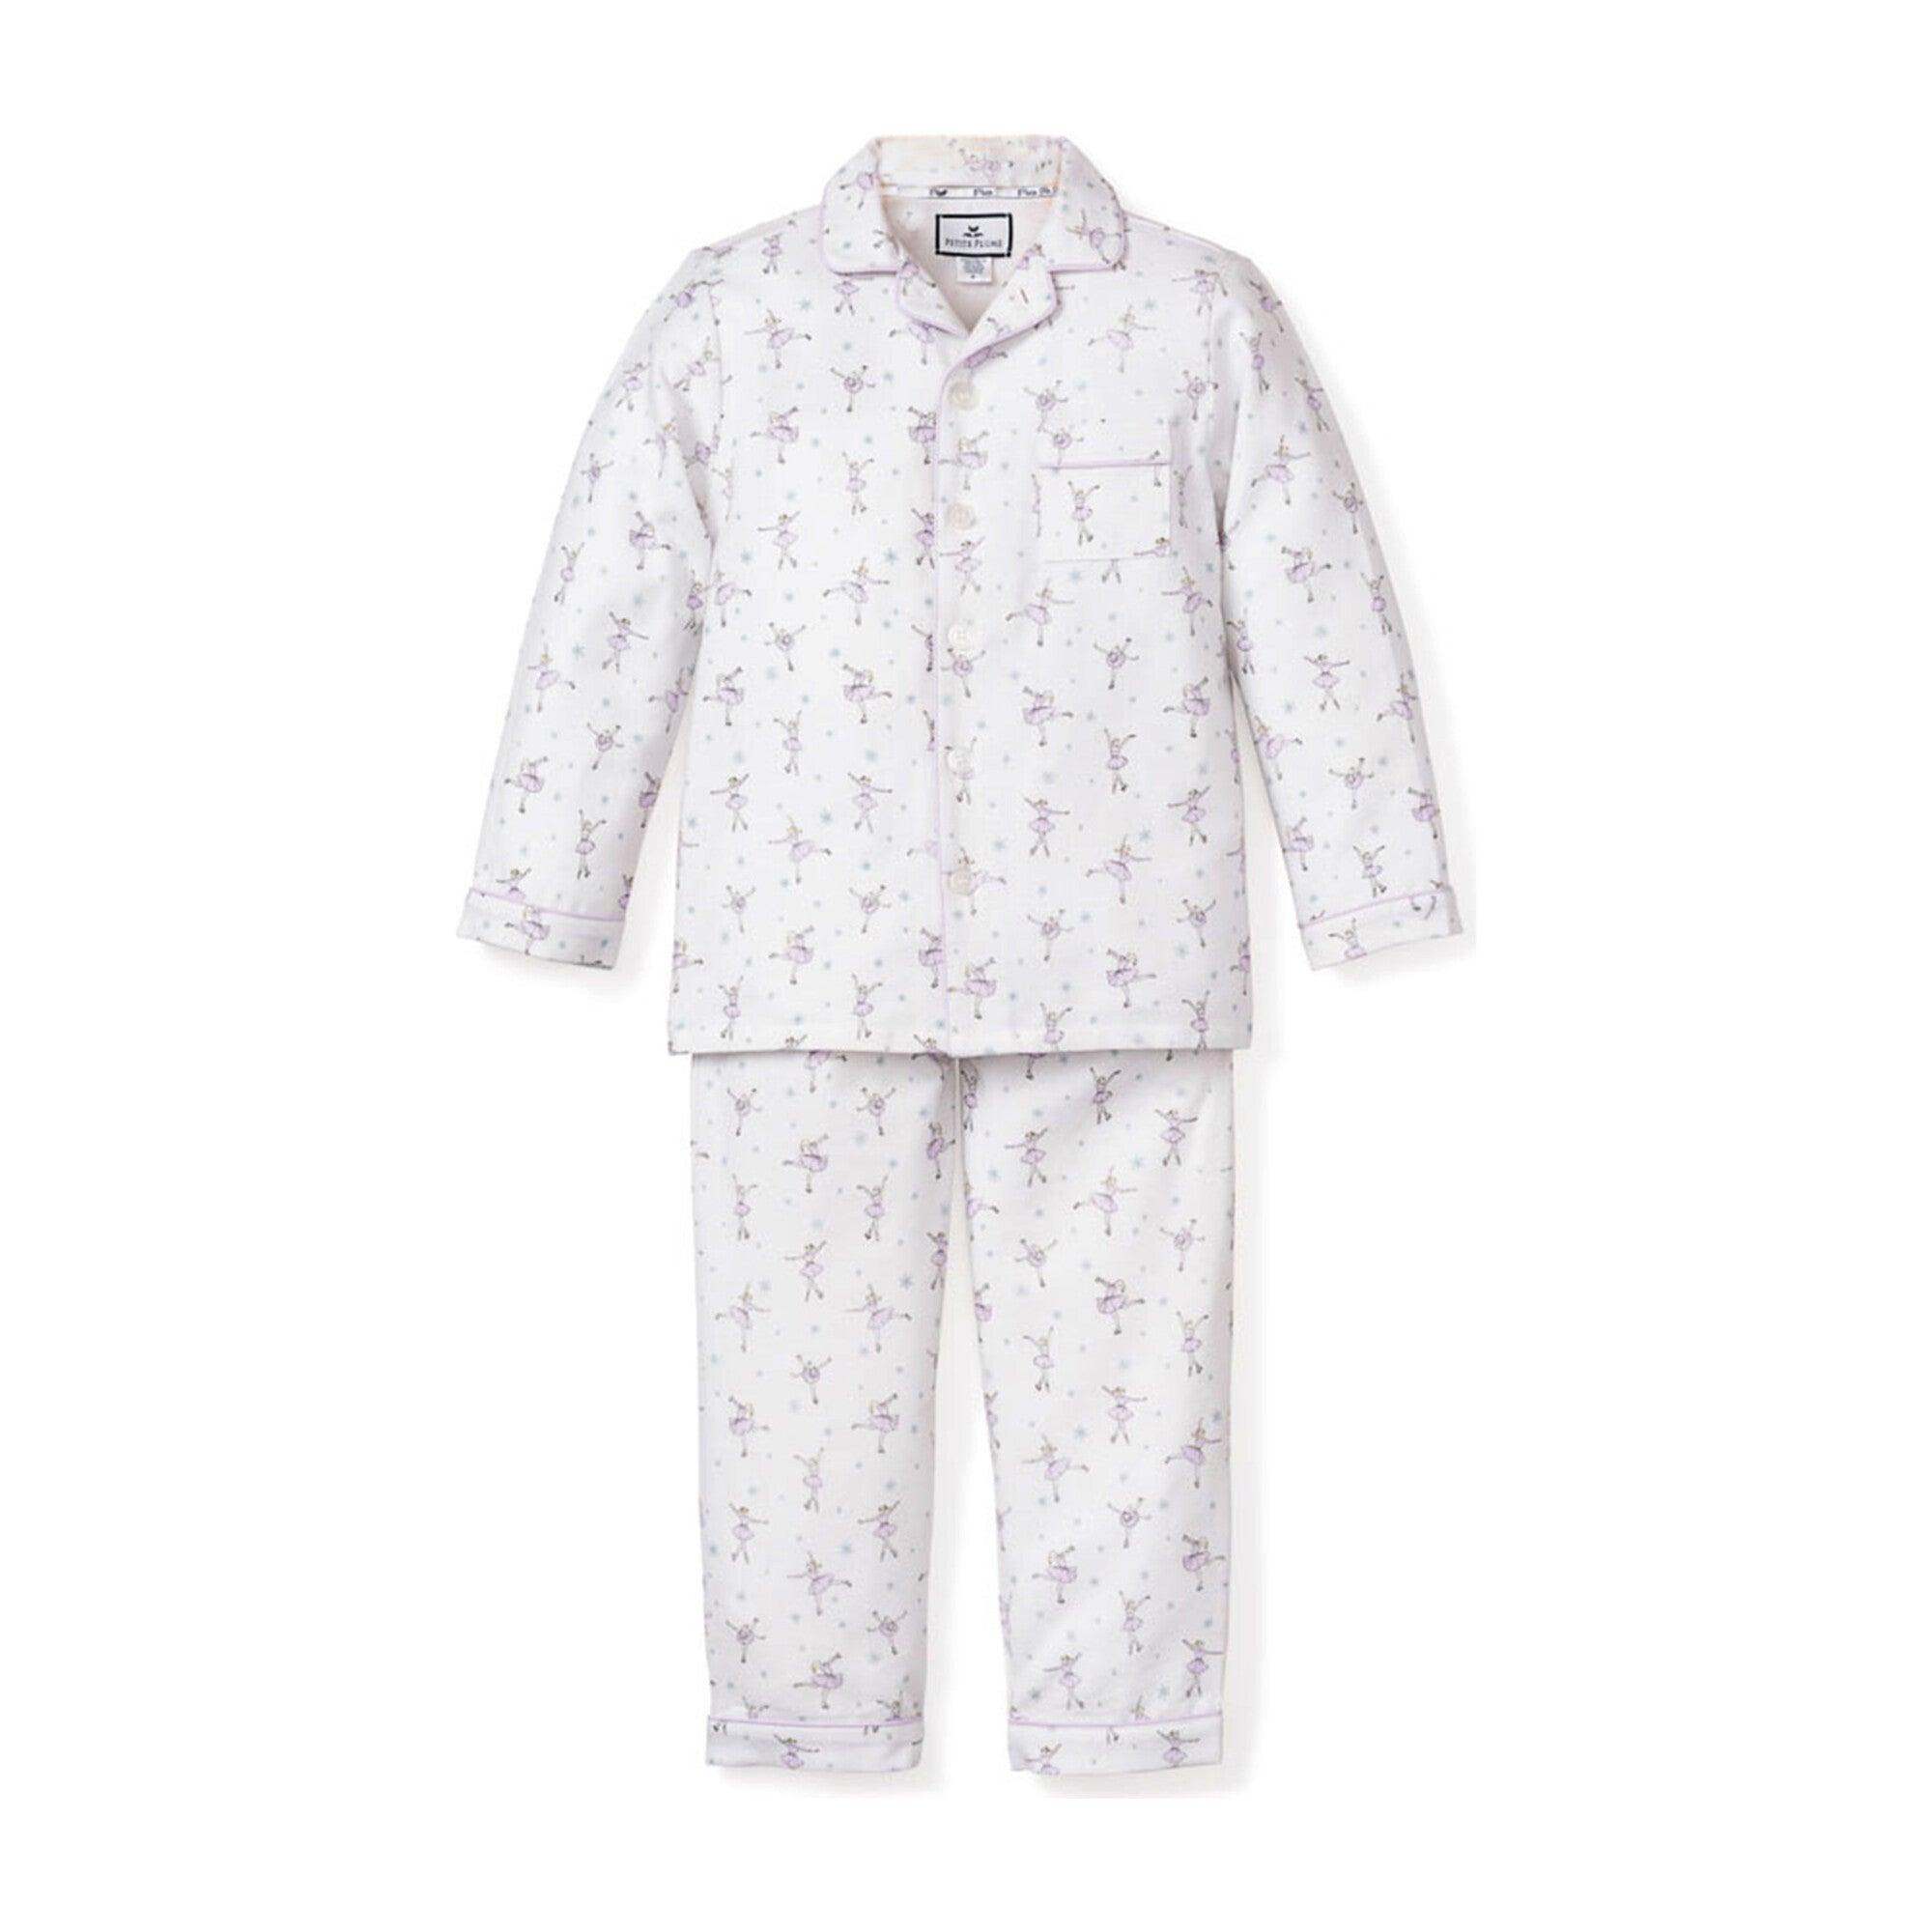 Pajama Set, Ice Dancer